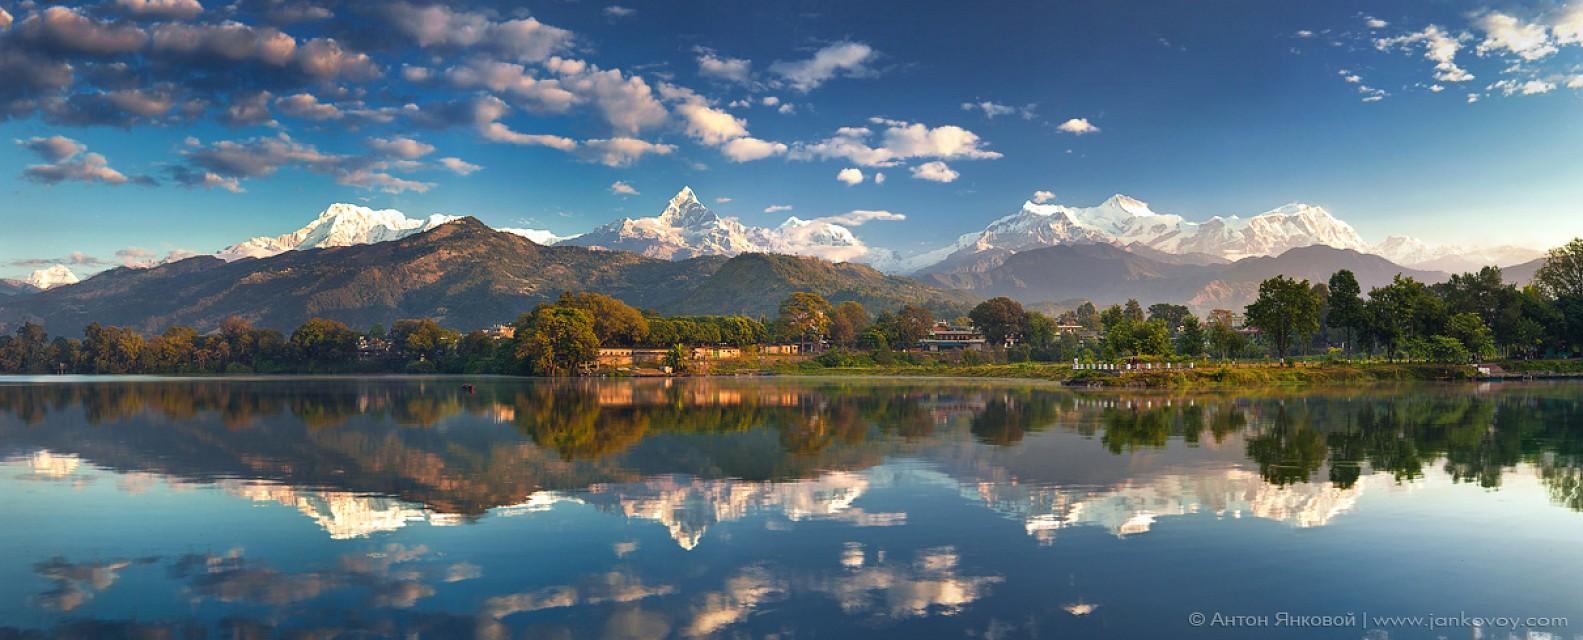 尼泊爾-待平安歸鄉的海外勞工